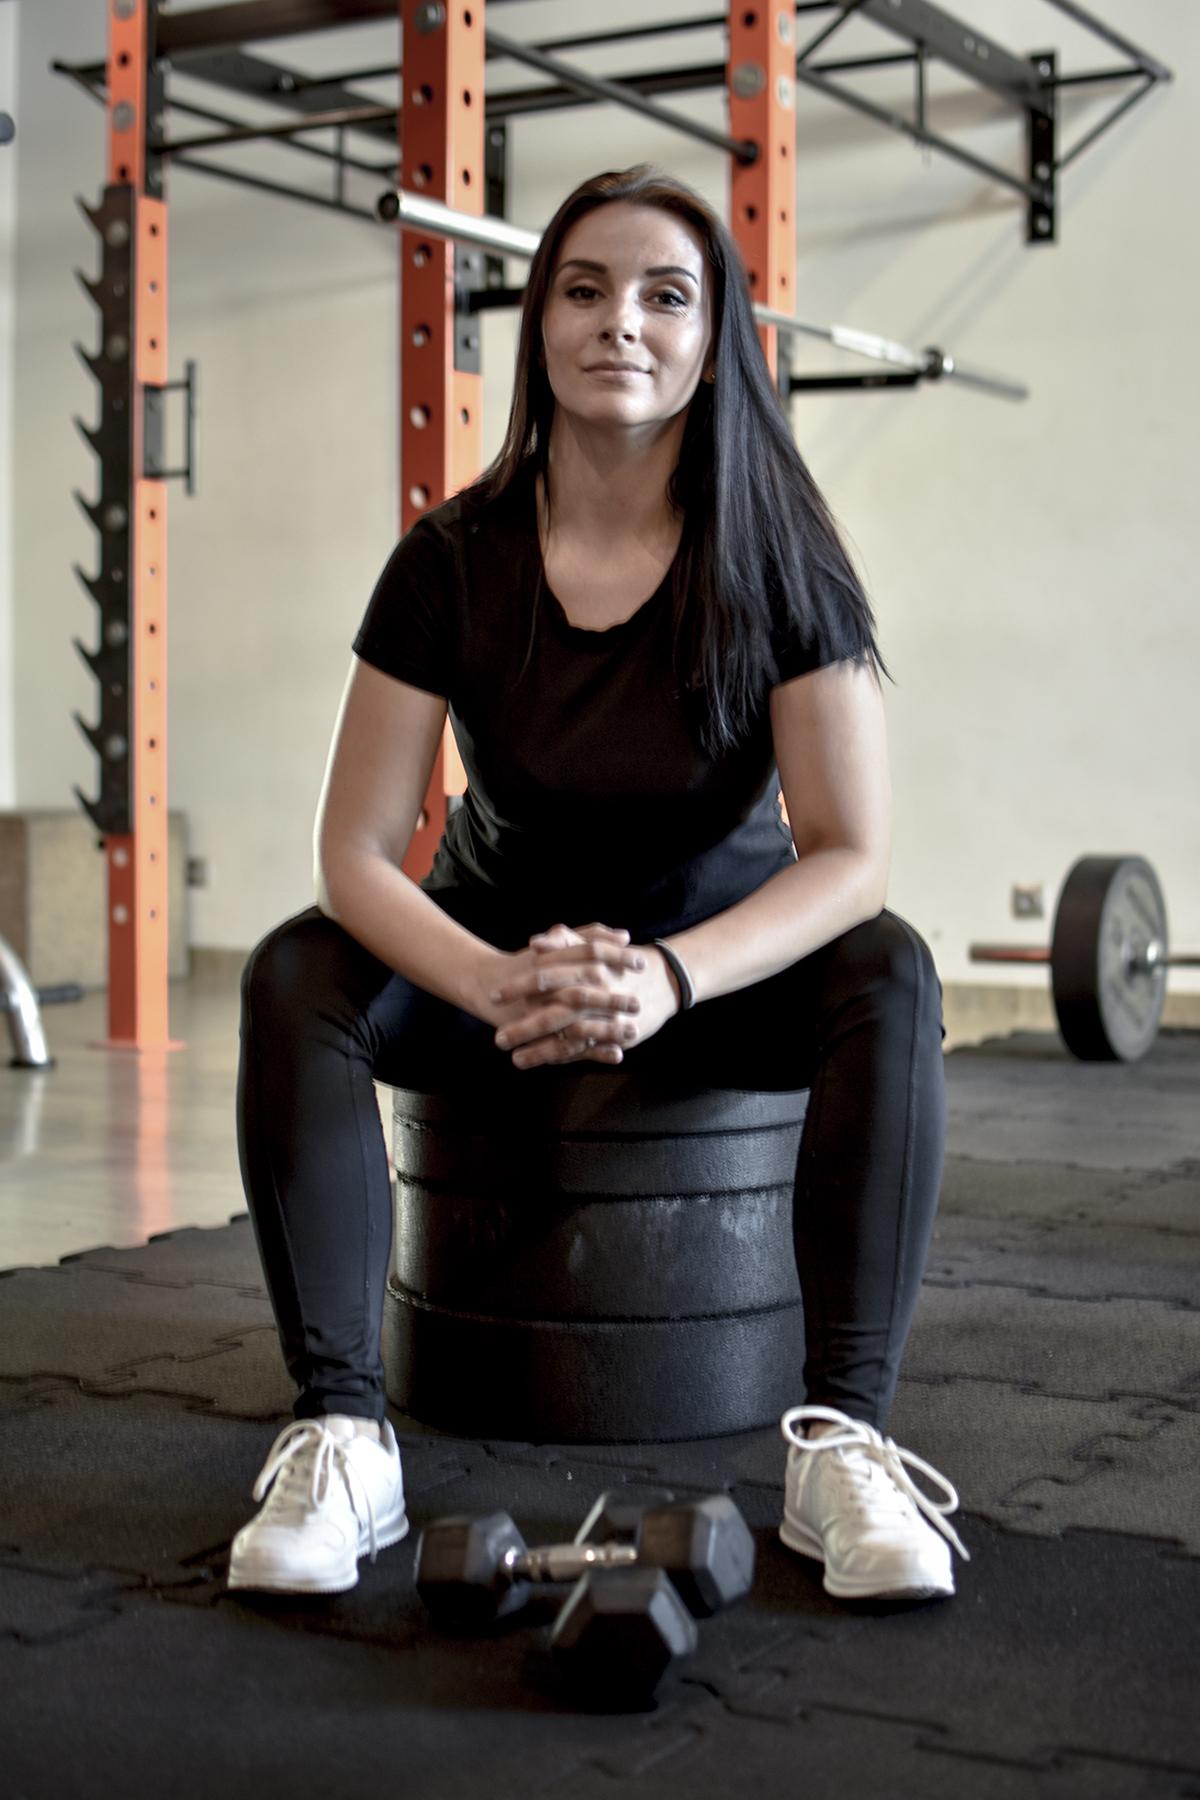 Magdalena-instruktor-Beuty-Center